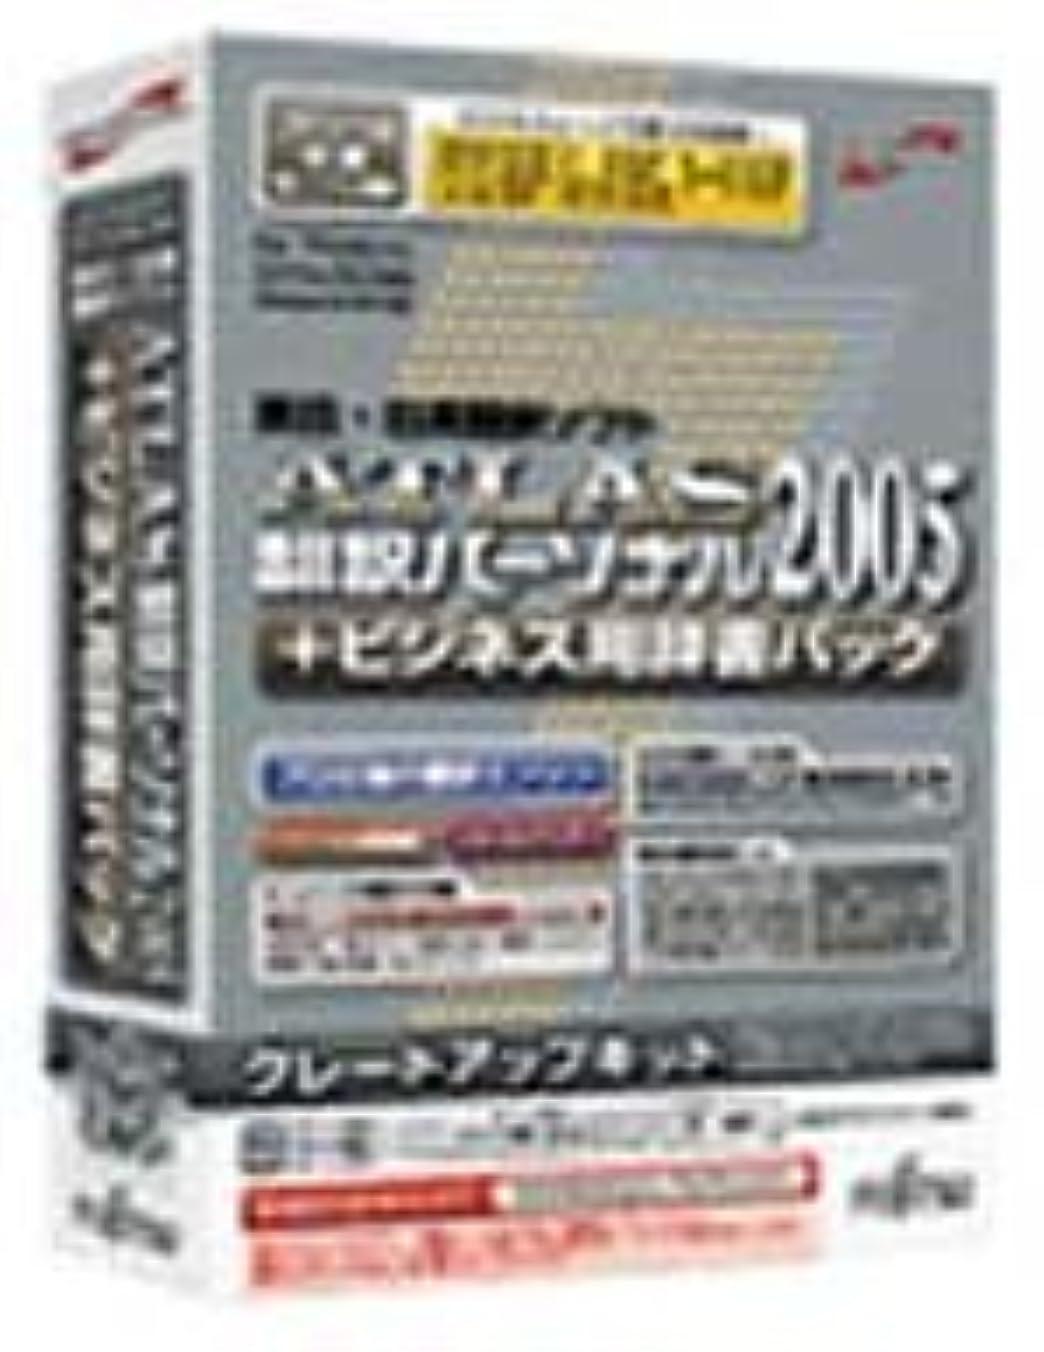 標高主観的上院ATLAS 翻訳パーソナル+ビジネス用辞書P UPG2005